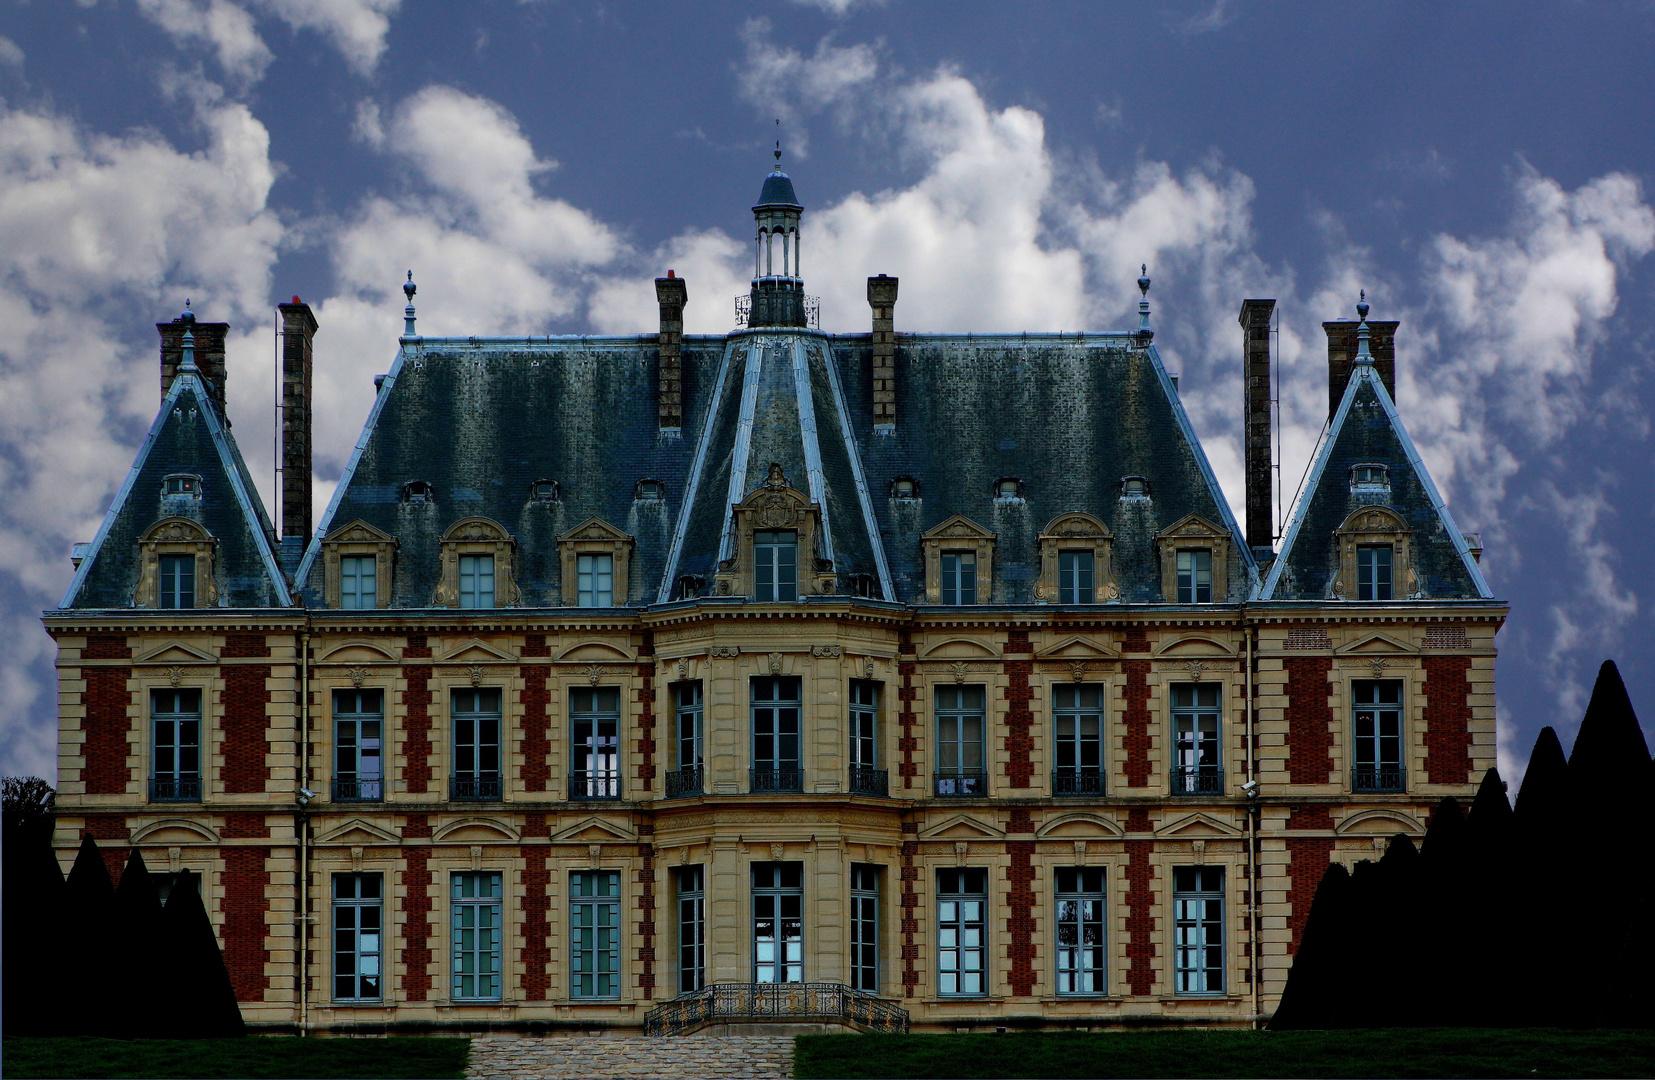 Chateau du Parc